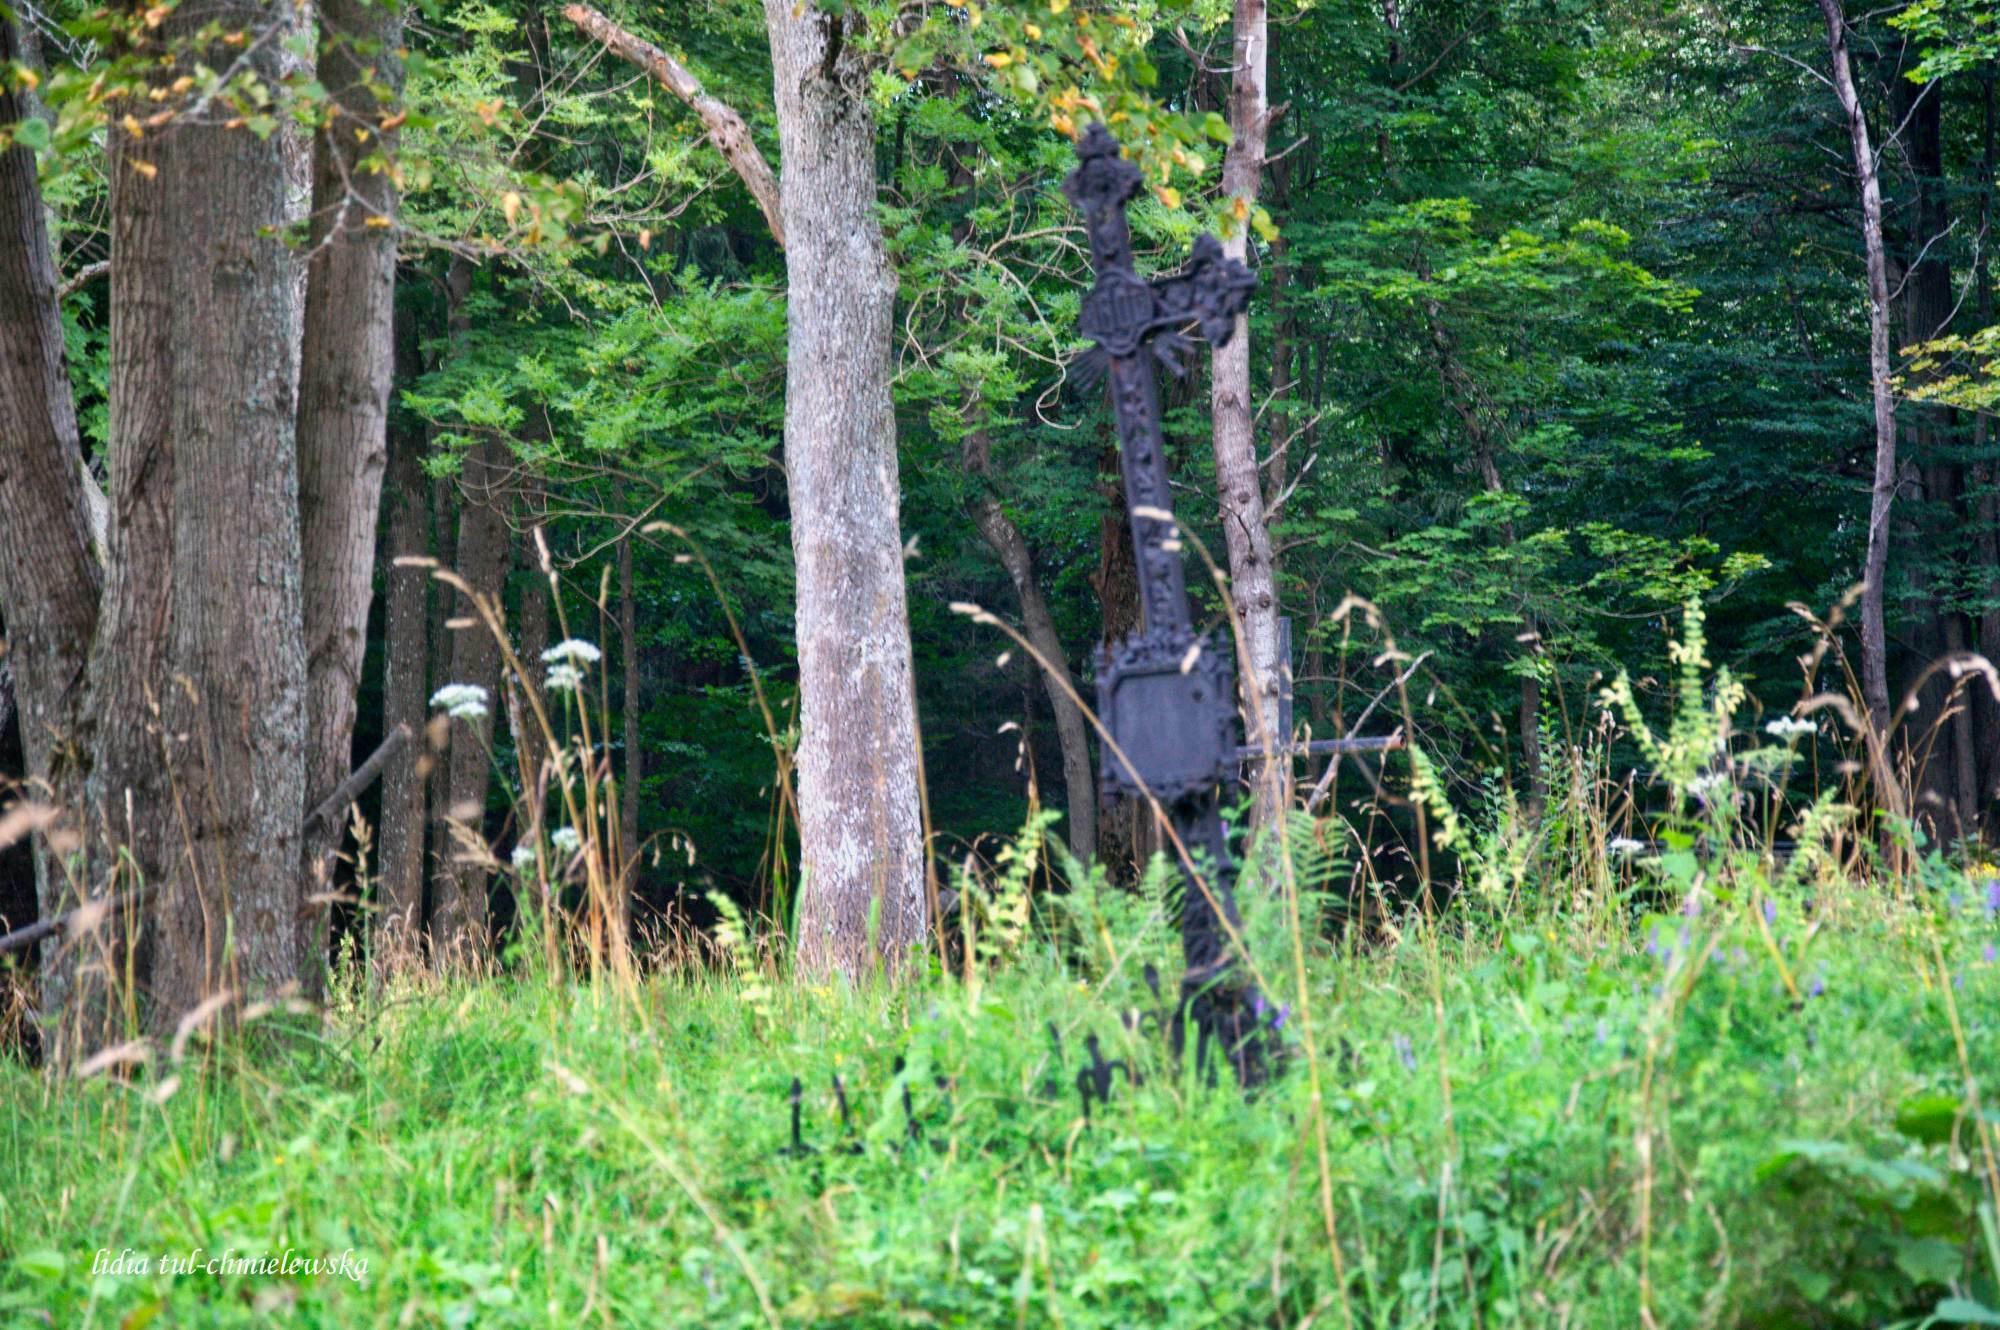 Balnica_nieliczne pozostałości po nagrobkach na wiejskim cmentarzu(0)_21